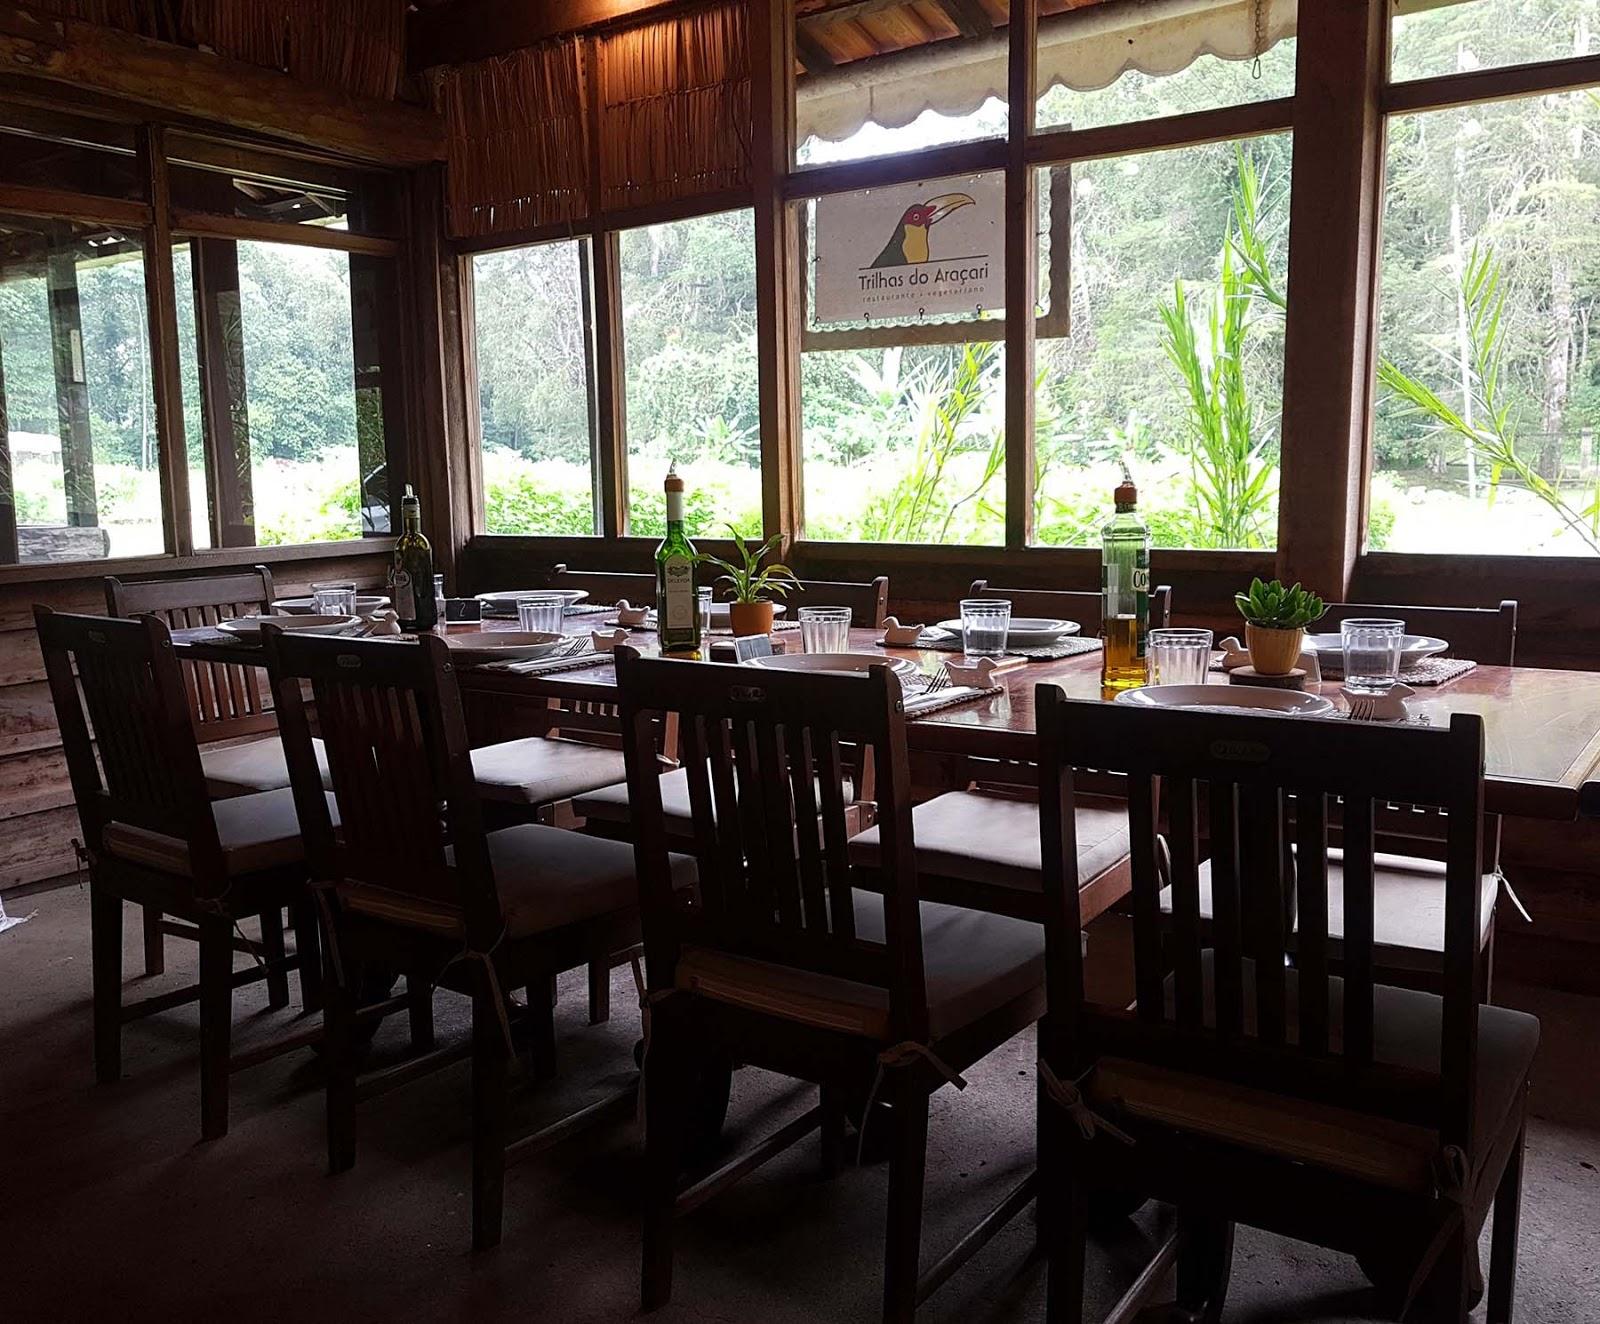 Restaurante Trilhas do Araçari, Mury